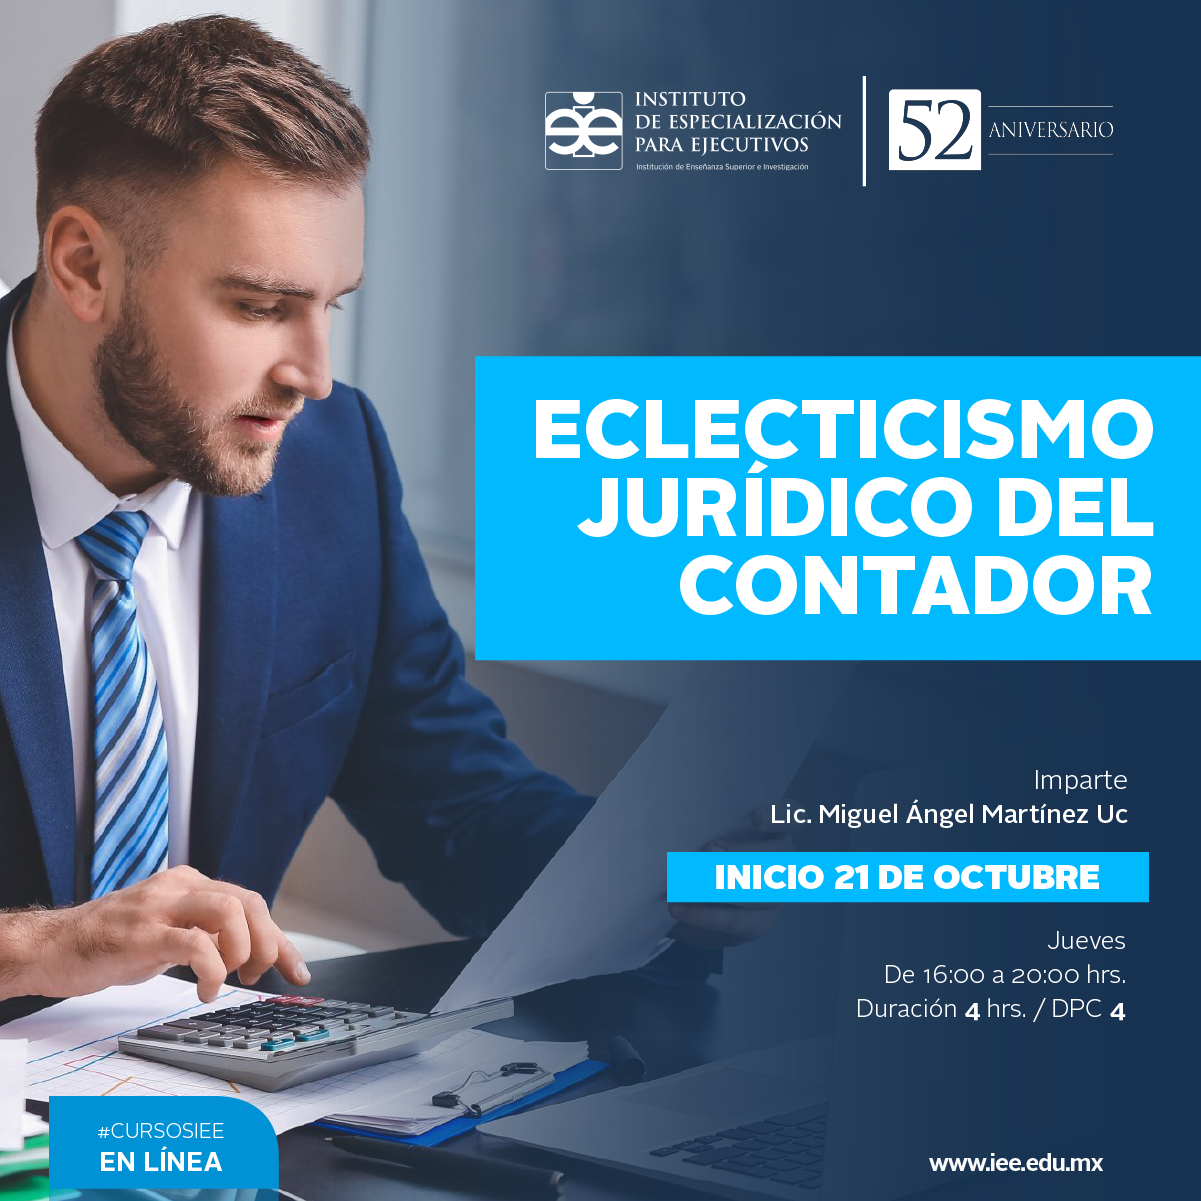 Curso en línea Eclecticismo Jurídico del Contador